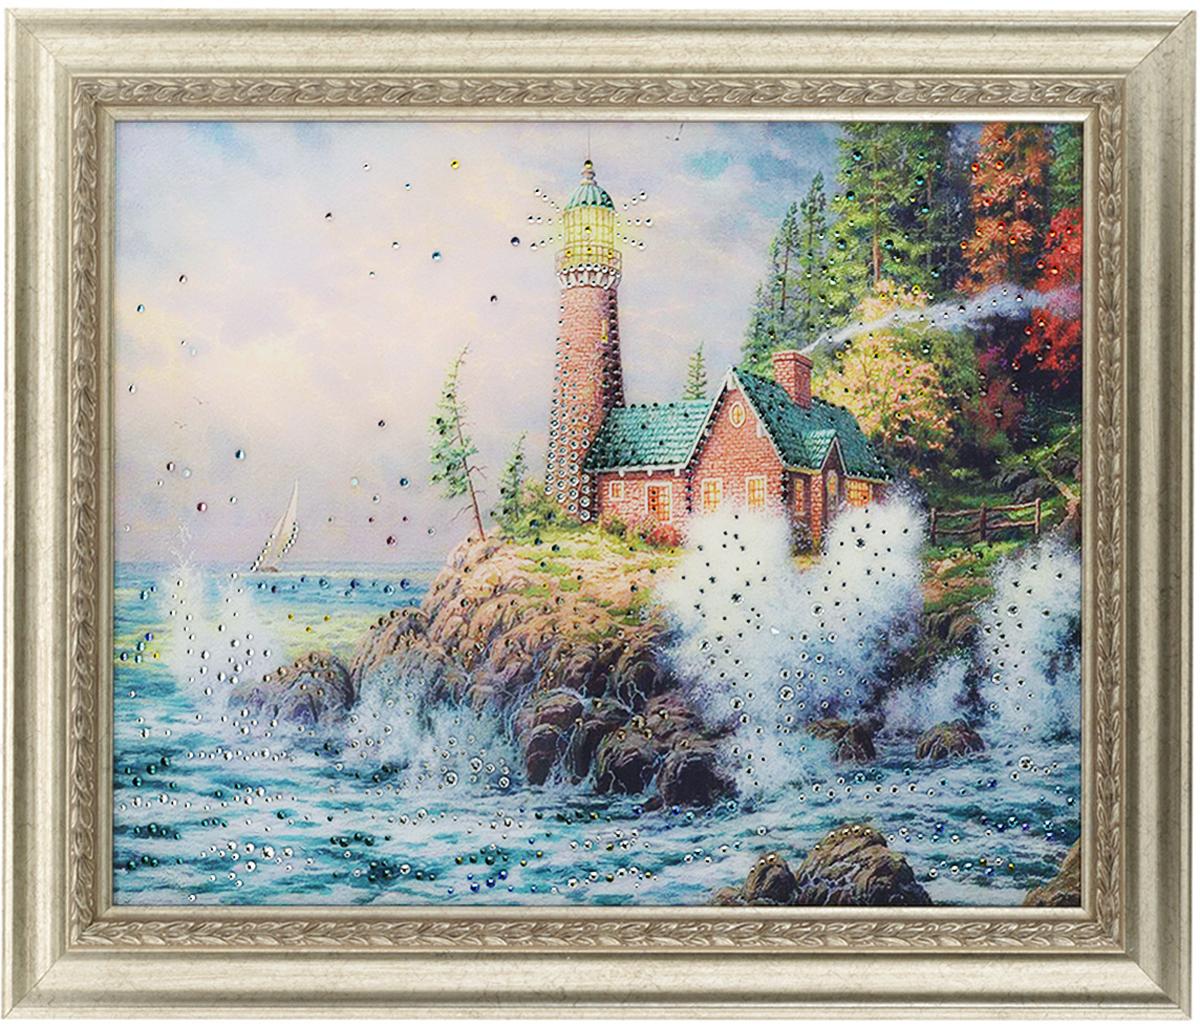 Картина с кристаллами Swarovski Маяк на берегу, 60 х 50 см1208Изящная картина в багетной раме, инкрустирована кристаллами Swarovski, которые отличаются четкой и ровной огранкой, ярким блеском и чистотой цвета. Красочное изображение маяка на берегу, расположенное под стеклом, прекрасно дополняет блеск кристаллов. С обратной стороны имеется металлическая проволока для размещения картины на стене. Картина с кристаллами Swarovski Маяк на берегу элегантно украсит интерьер дома или офиса, а также станет прекрасным подарком, который обязательно понравится получателю. Блеск кристаллов в интерьере, что может быть сказочнее и удивительнее. Картина упакована в подарочную картонную коробку синего цвета и комплектуется сертификатом соответствия Swarovski.